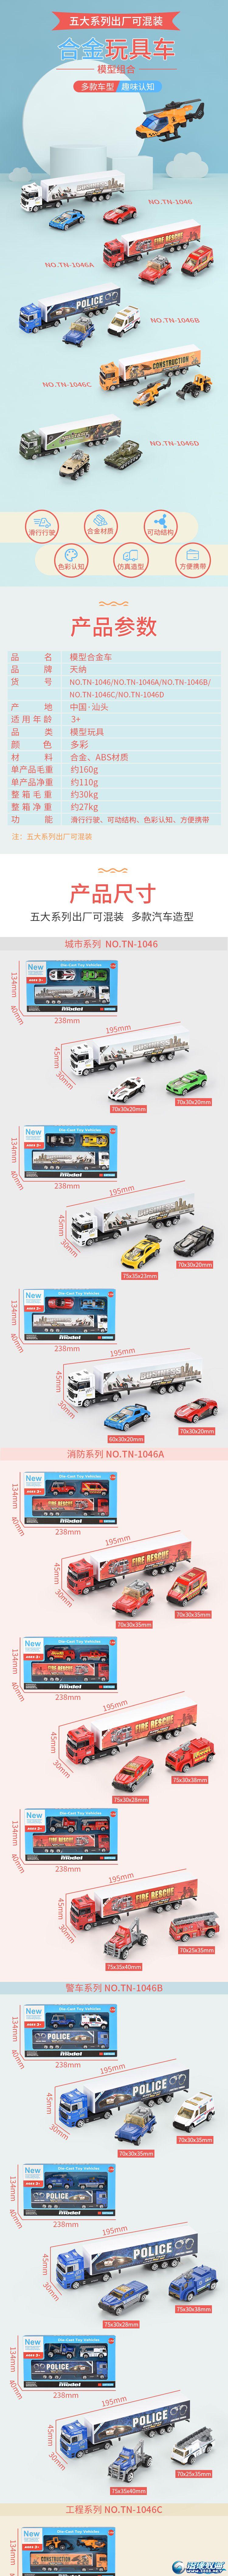 天纳玩具厂-(TN-1046)-合金车模型-中文详情页_01.jpg